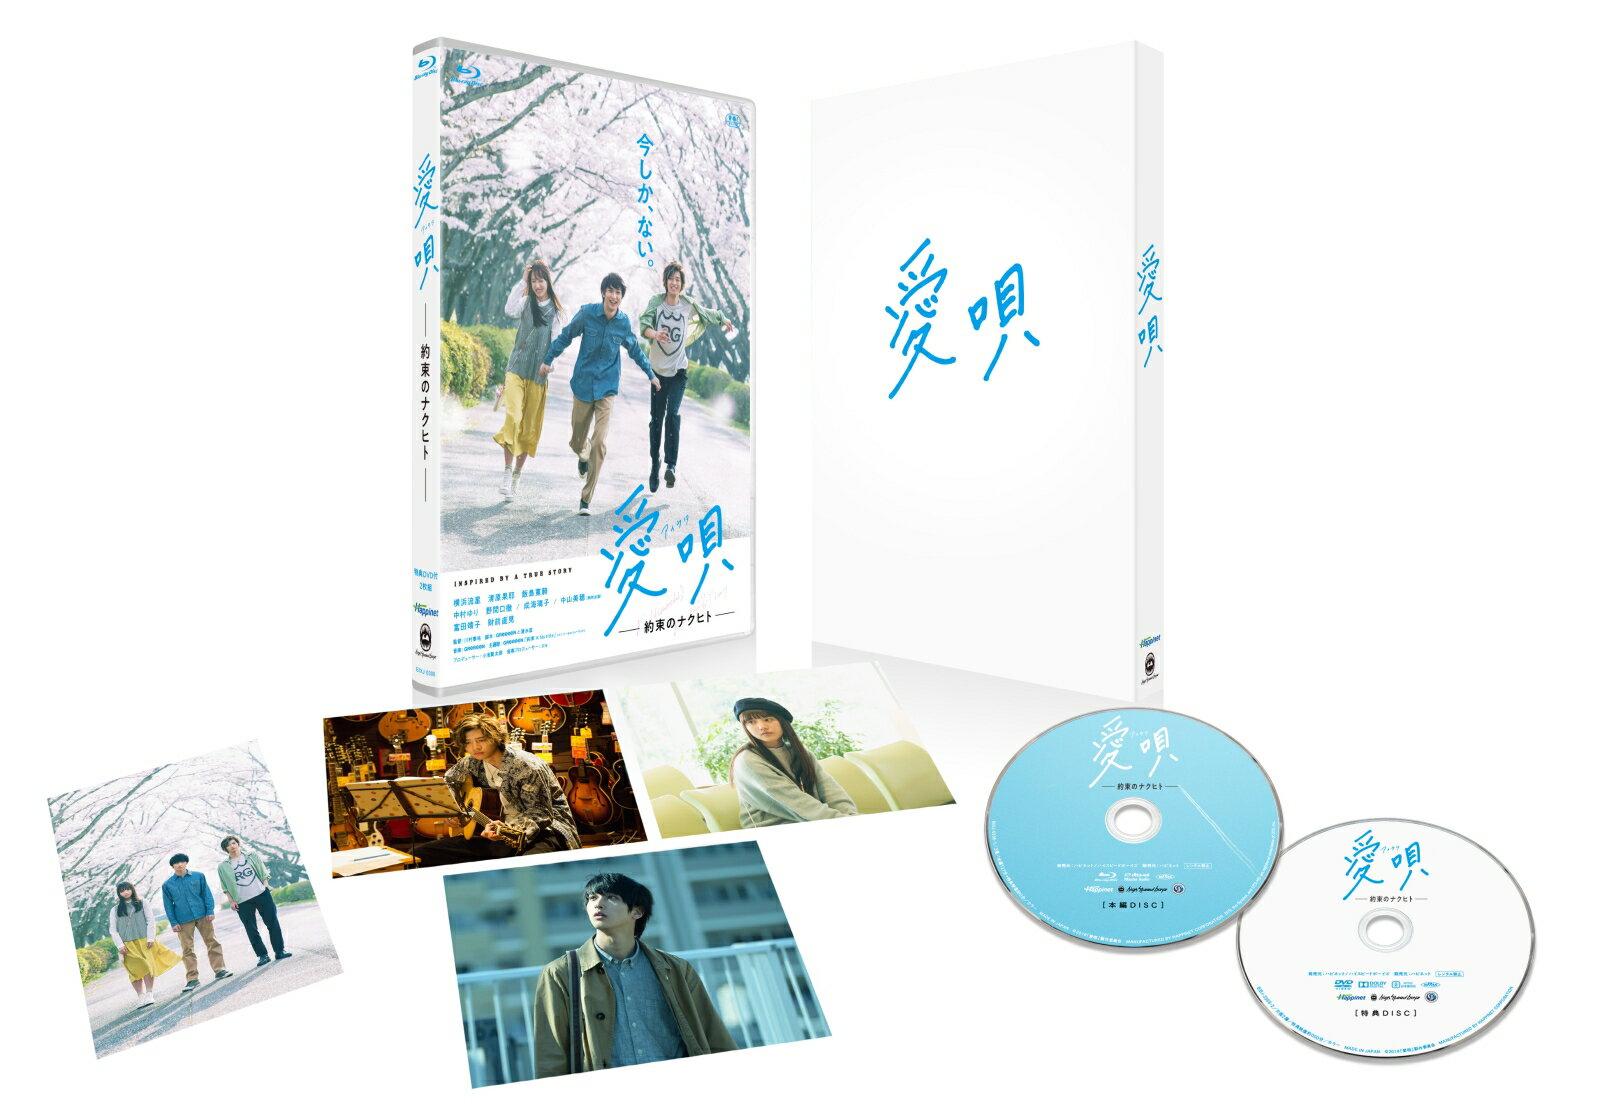 愛唄 -約束のナクヒトー【Blu-ray】